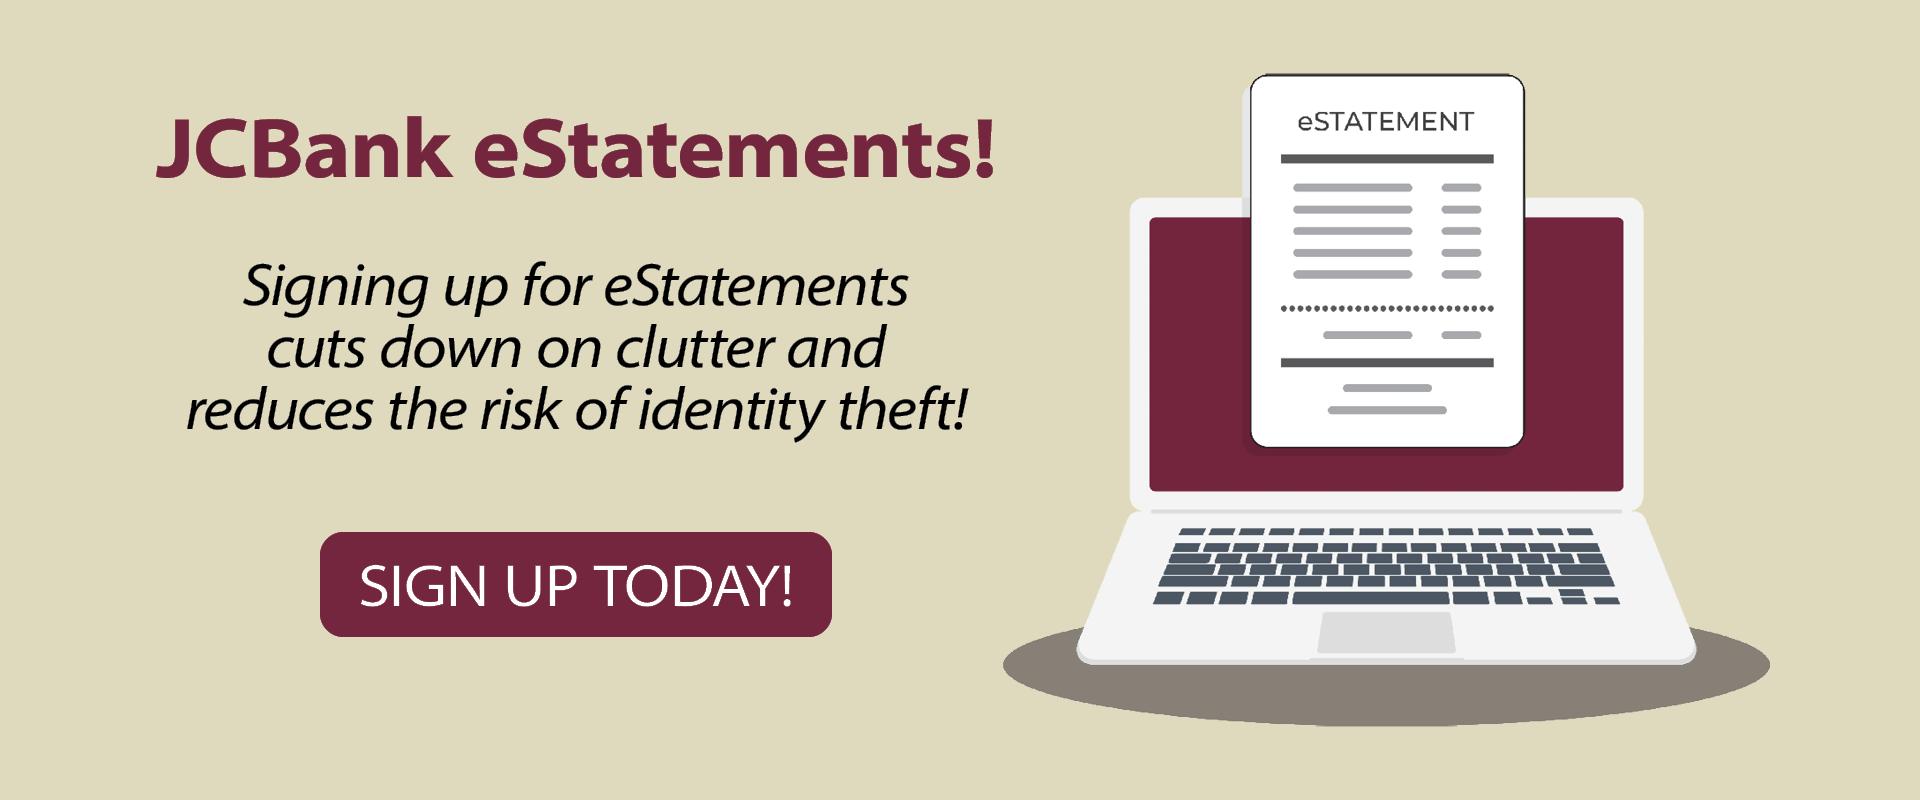 Sign up for eStatements!